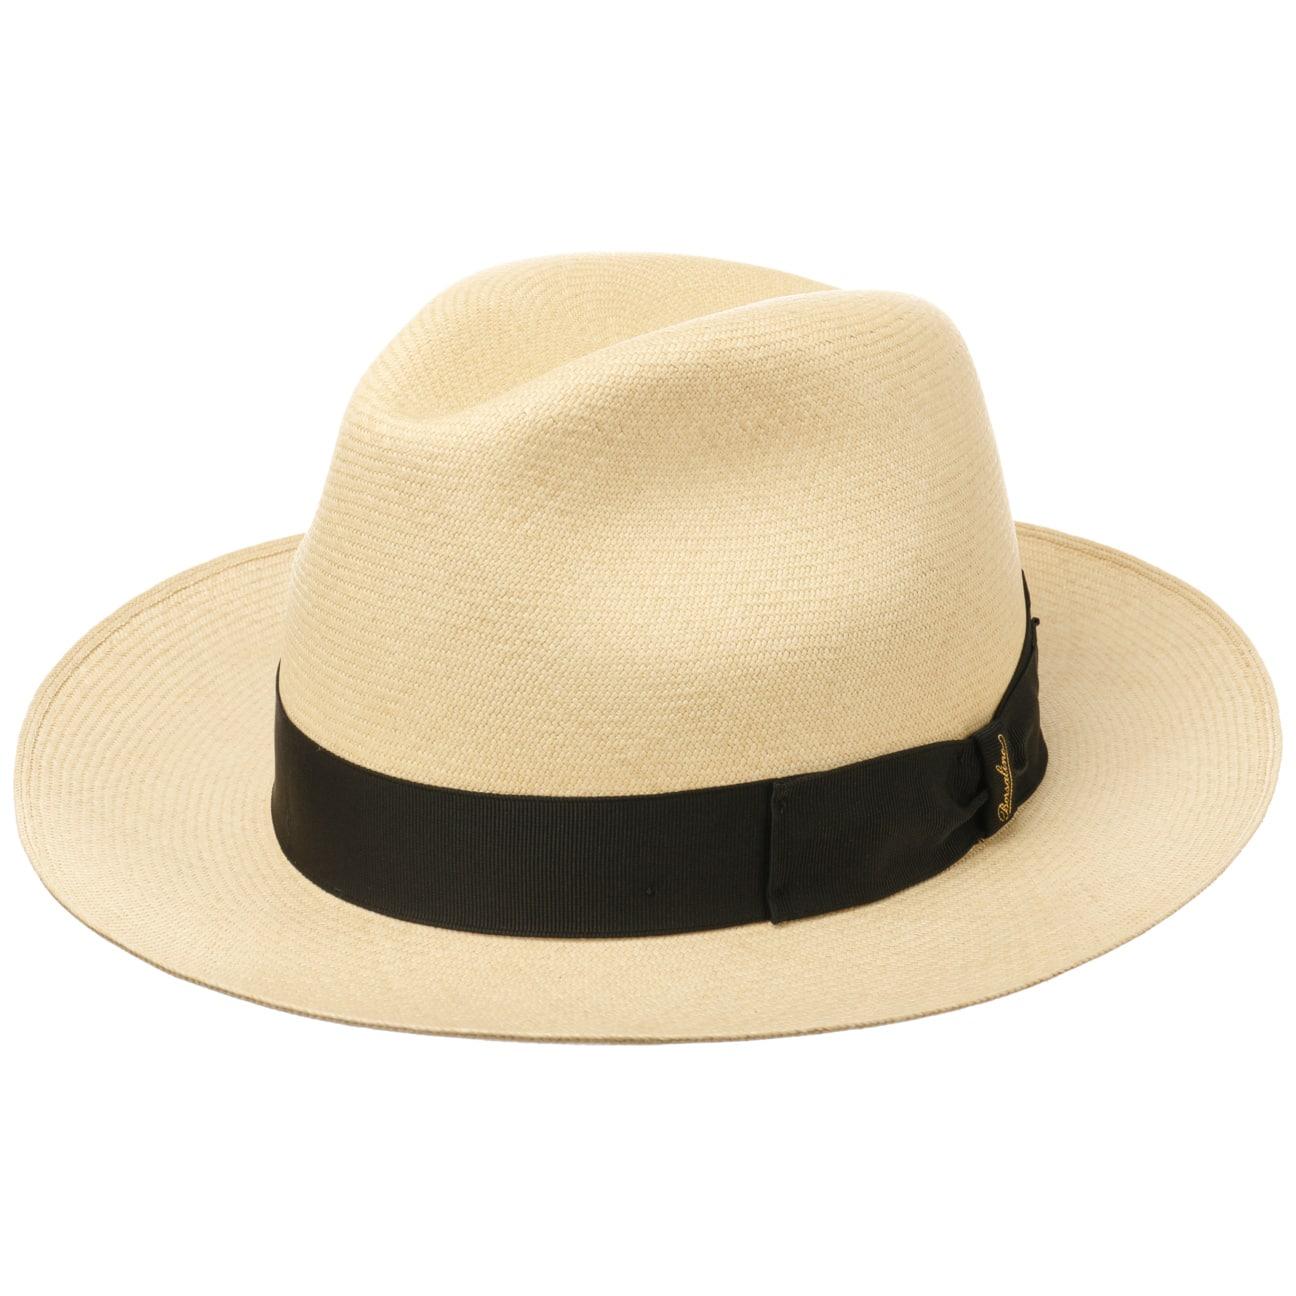 1c2dce14ab88e4 ... Panama Bogart Hat Premium by Borsalino - nature 5 ...